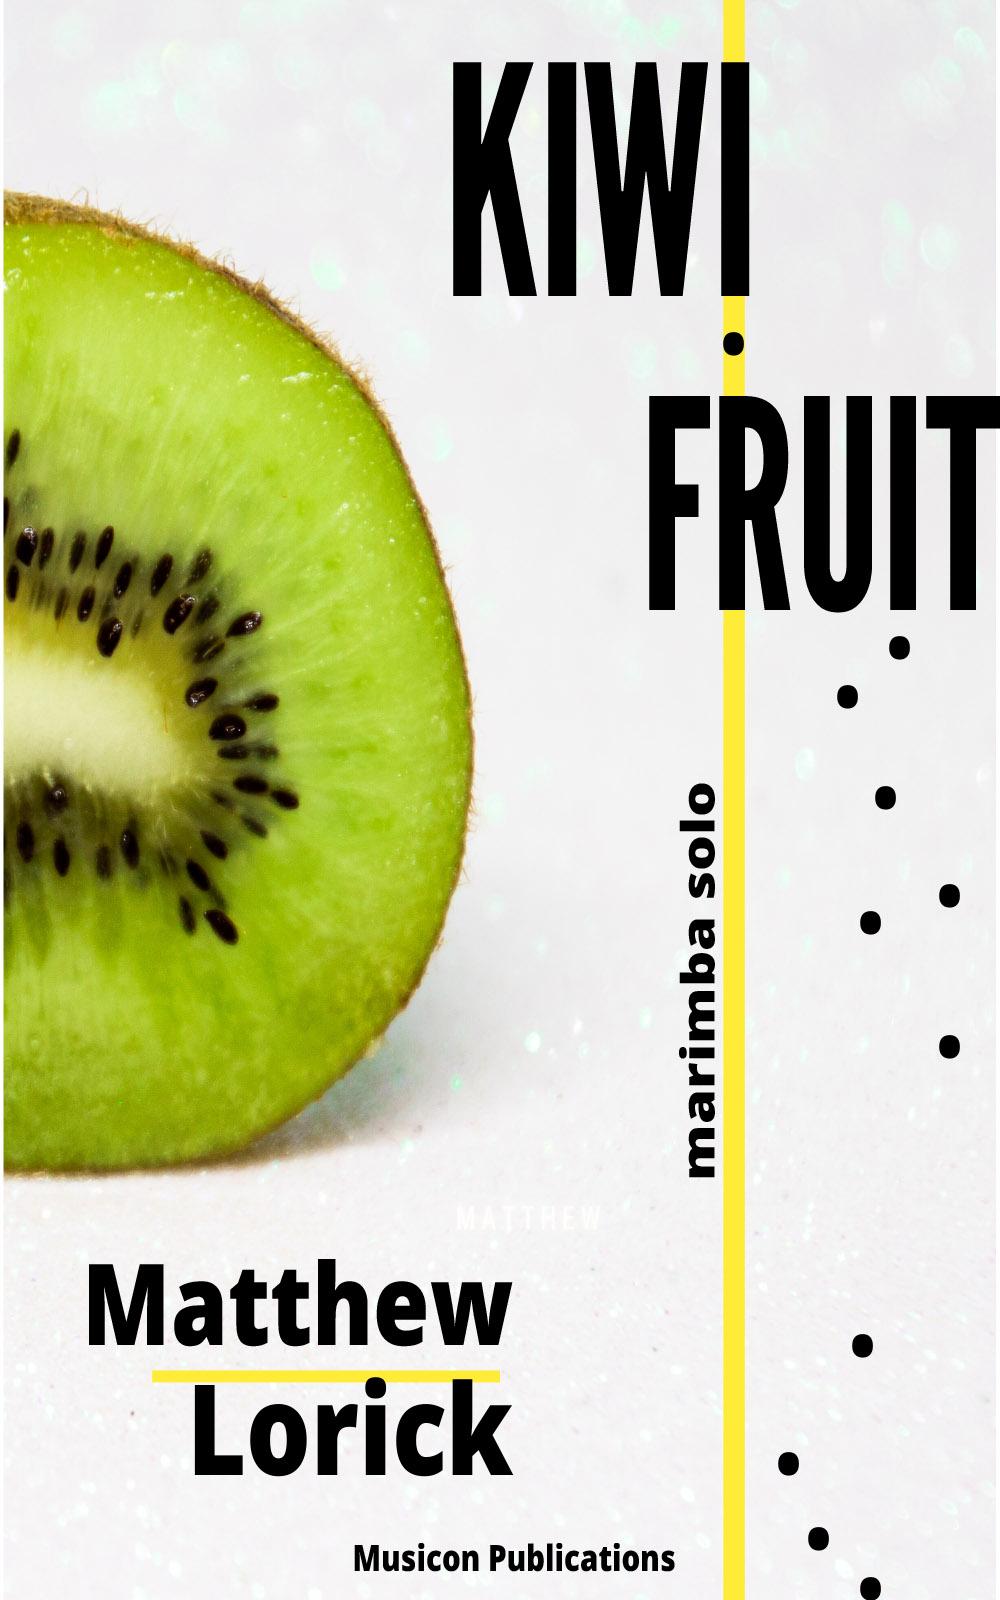 Music Cover - sliced kiwi fruit